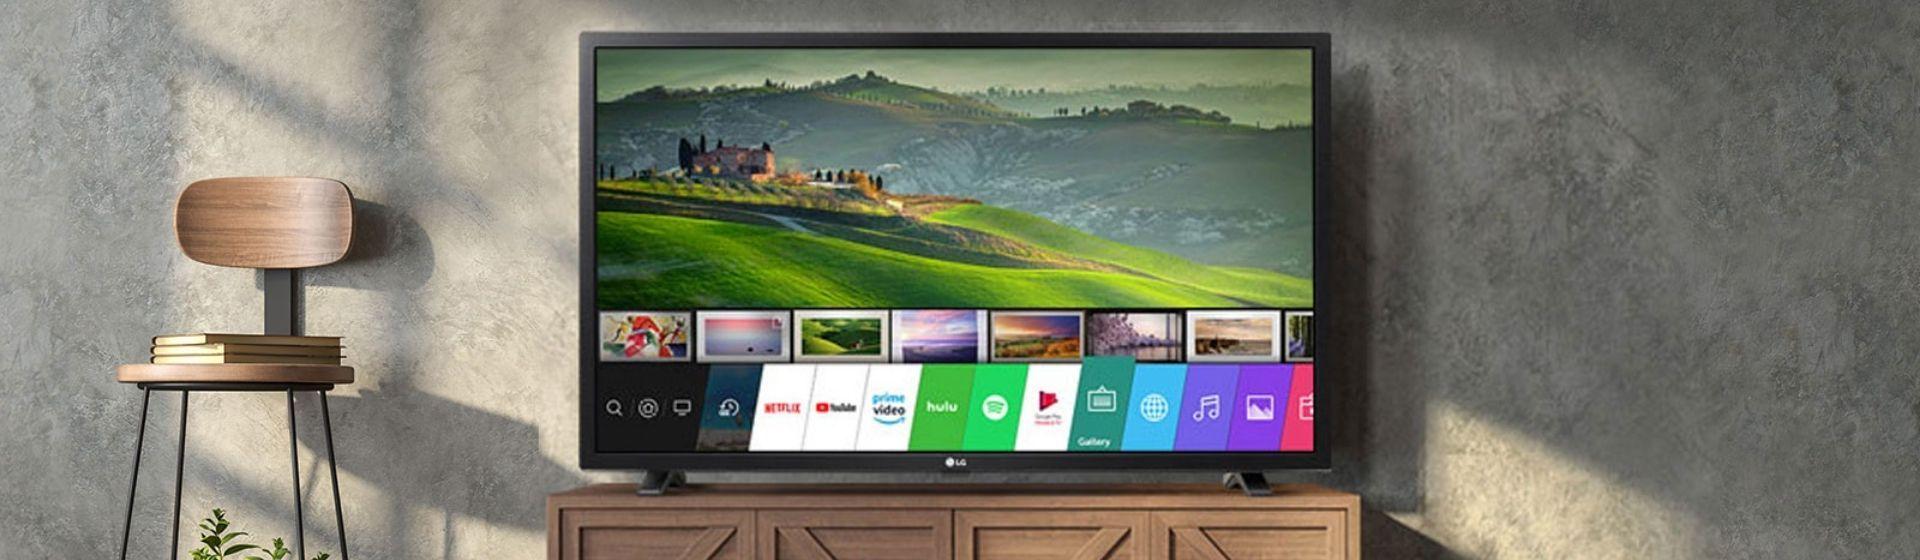 LG UM7520: confira análise completa dessa TV 4K